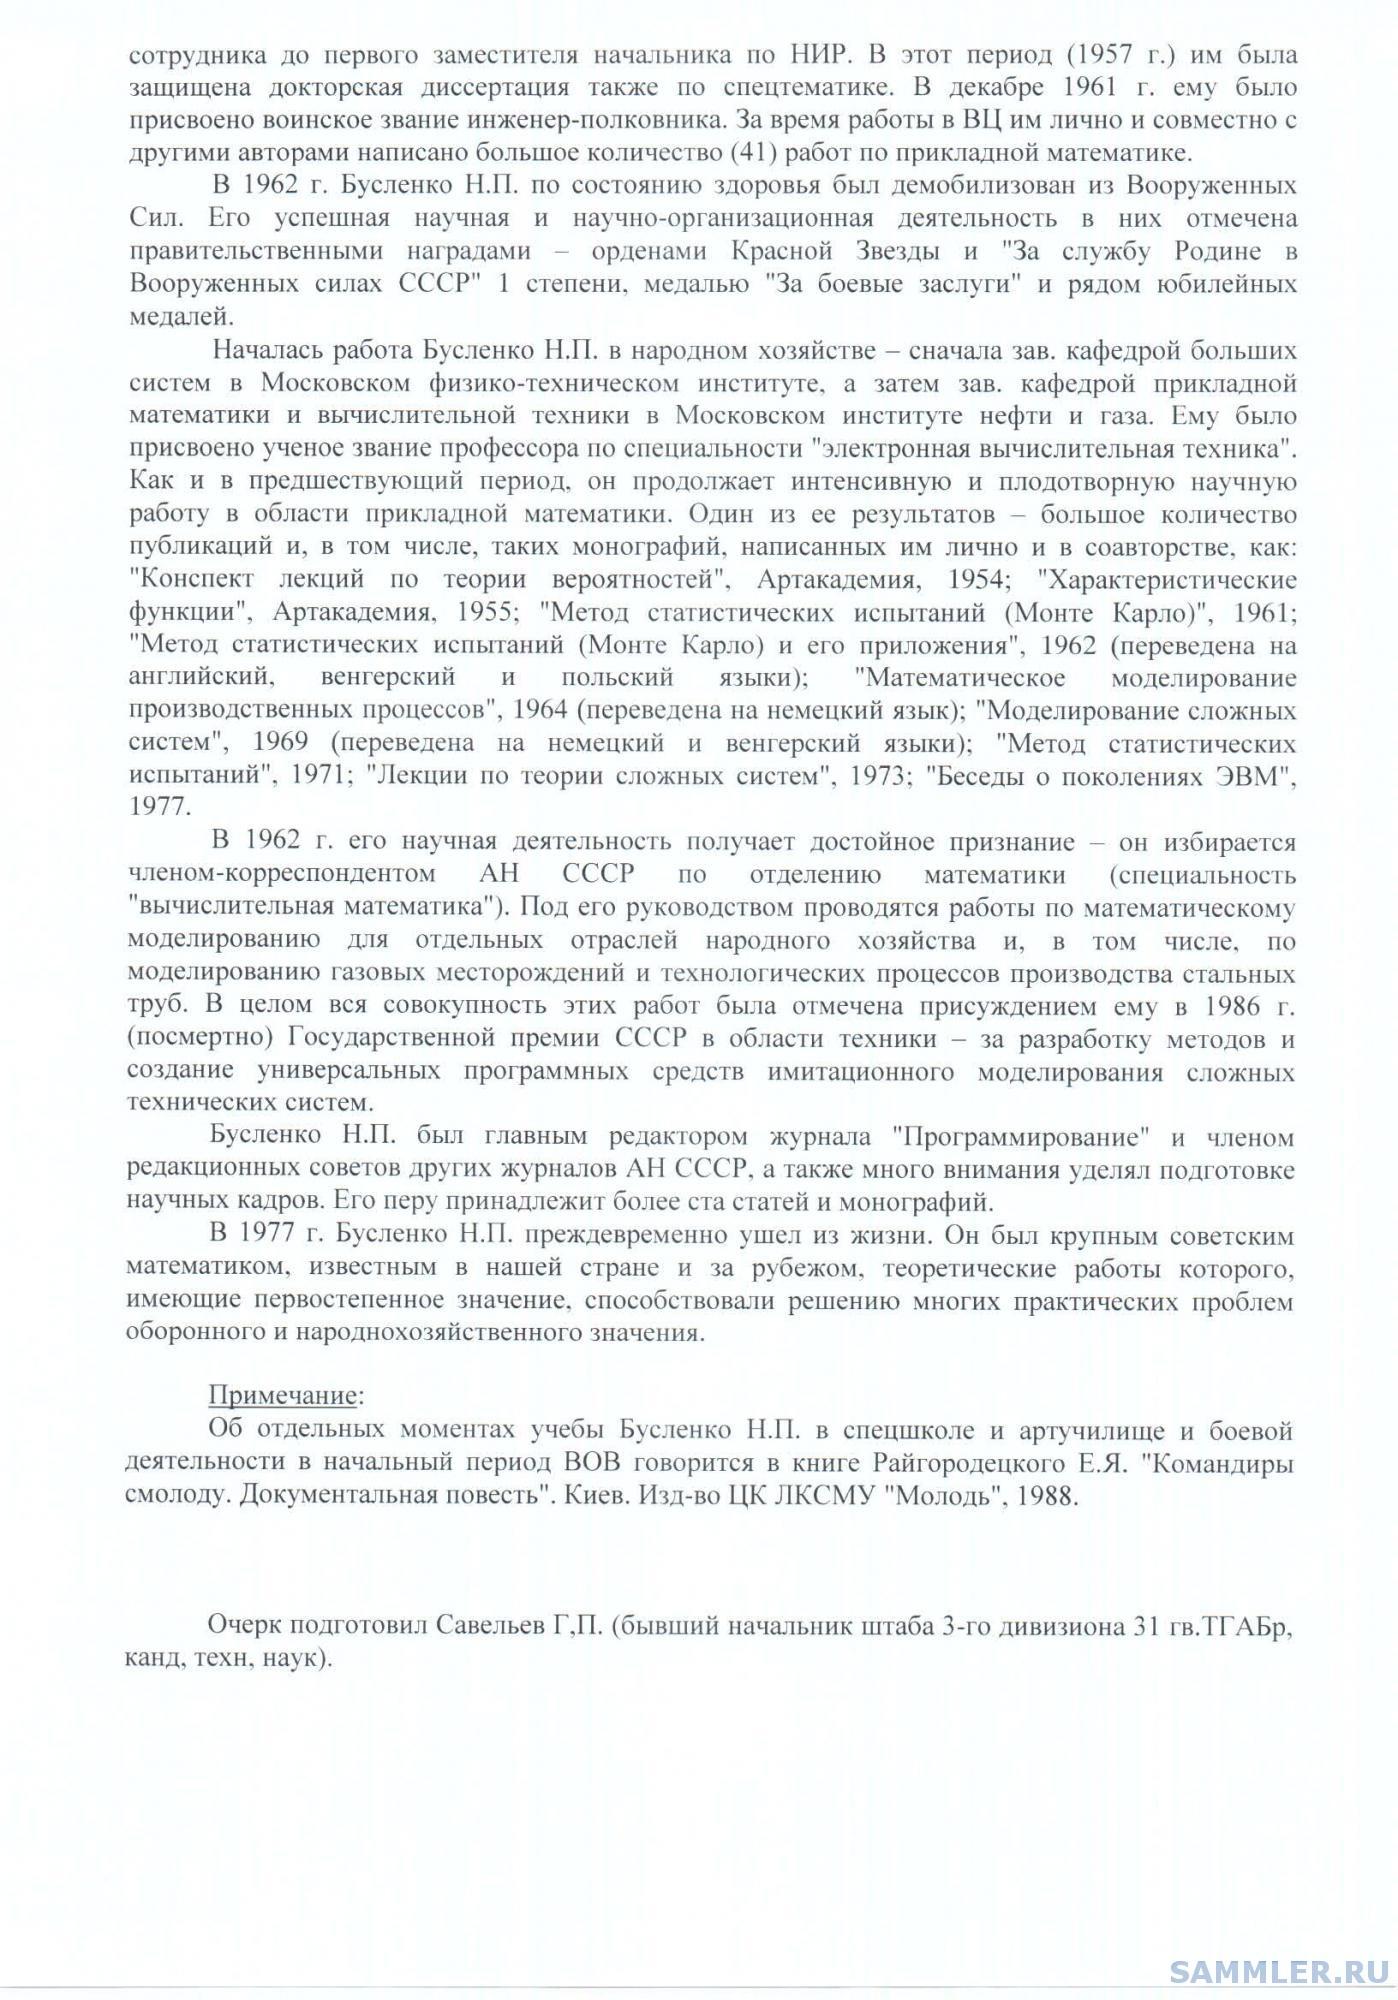 ЛИСТ 32.jpg